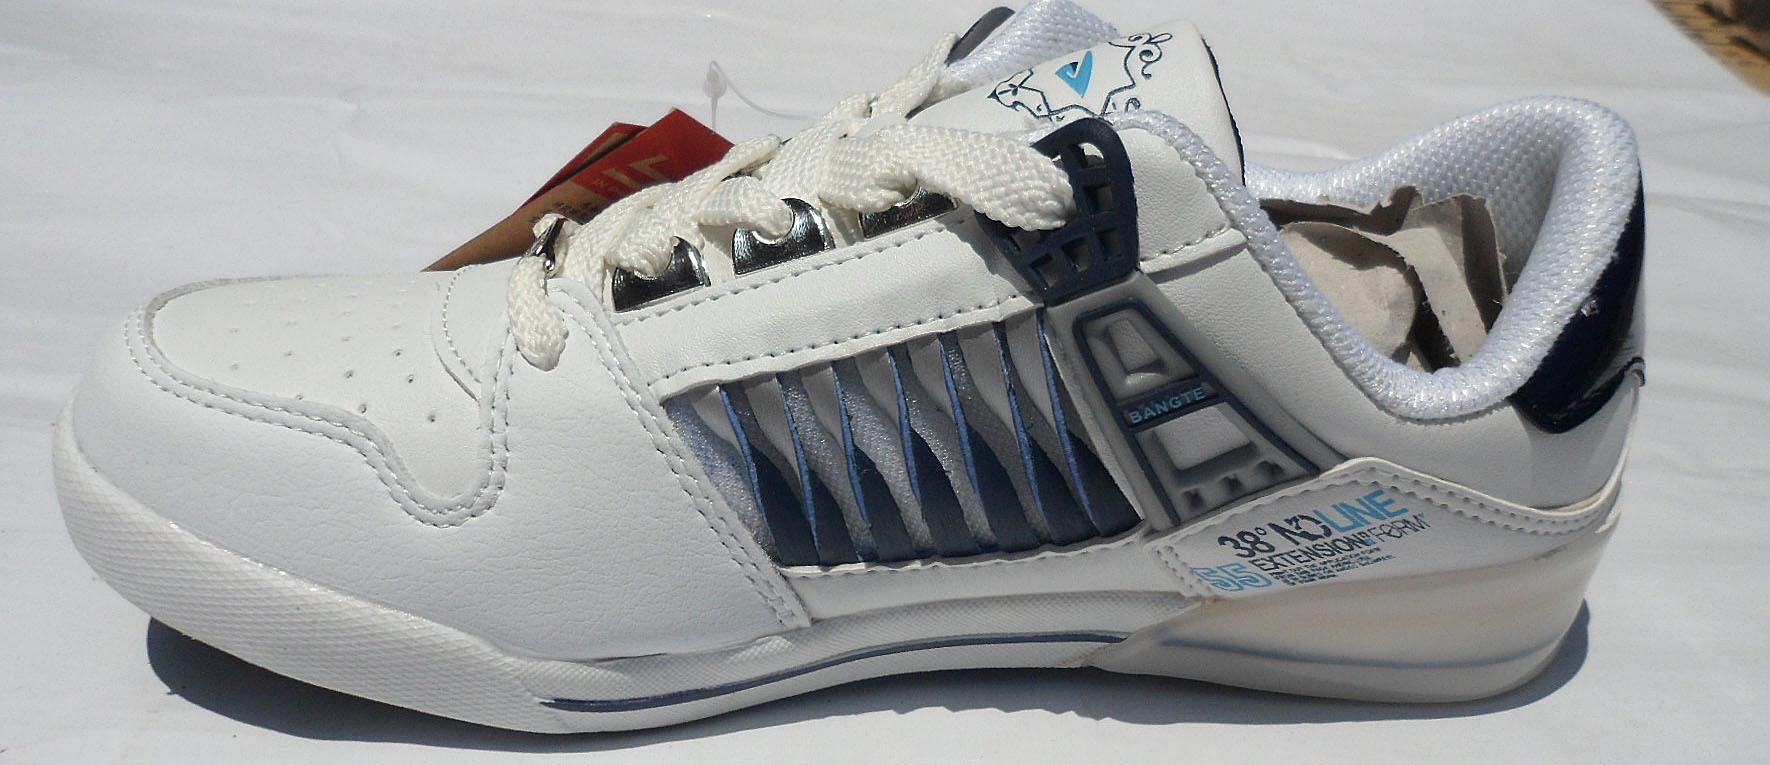 Спортивная обувь BT/2688 Унисекс